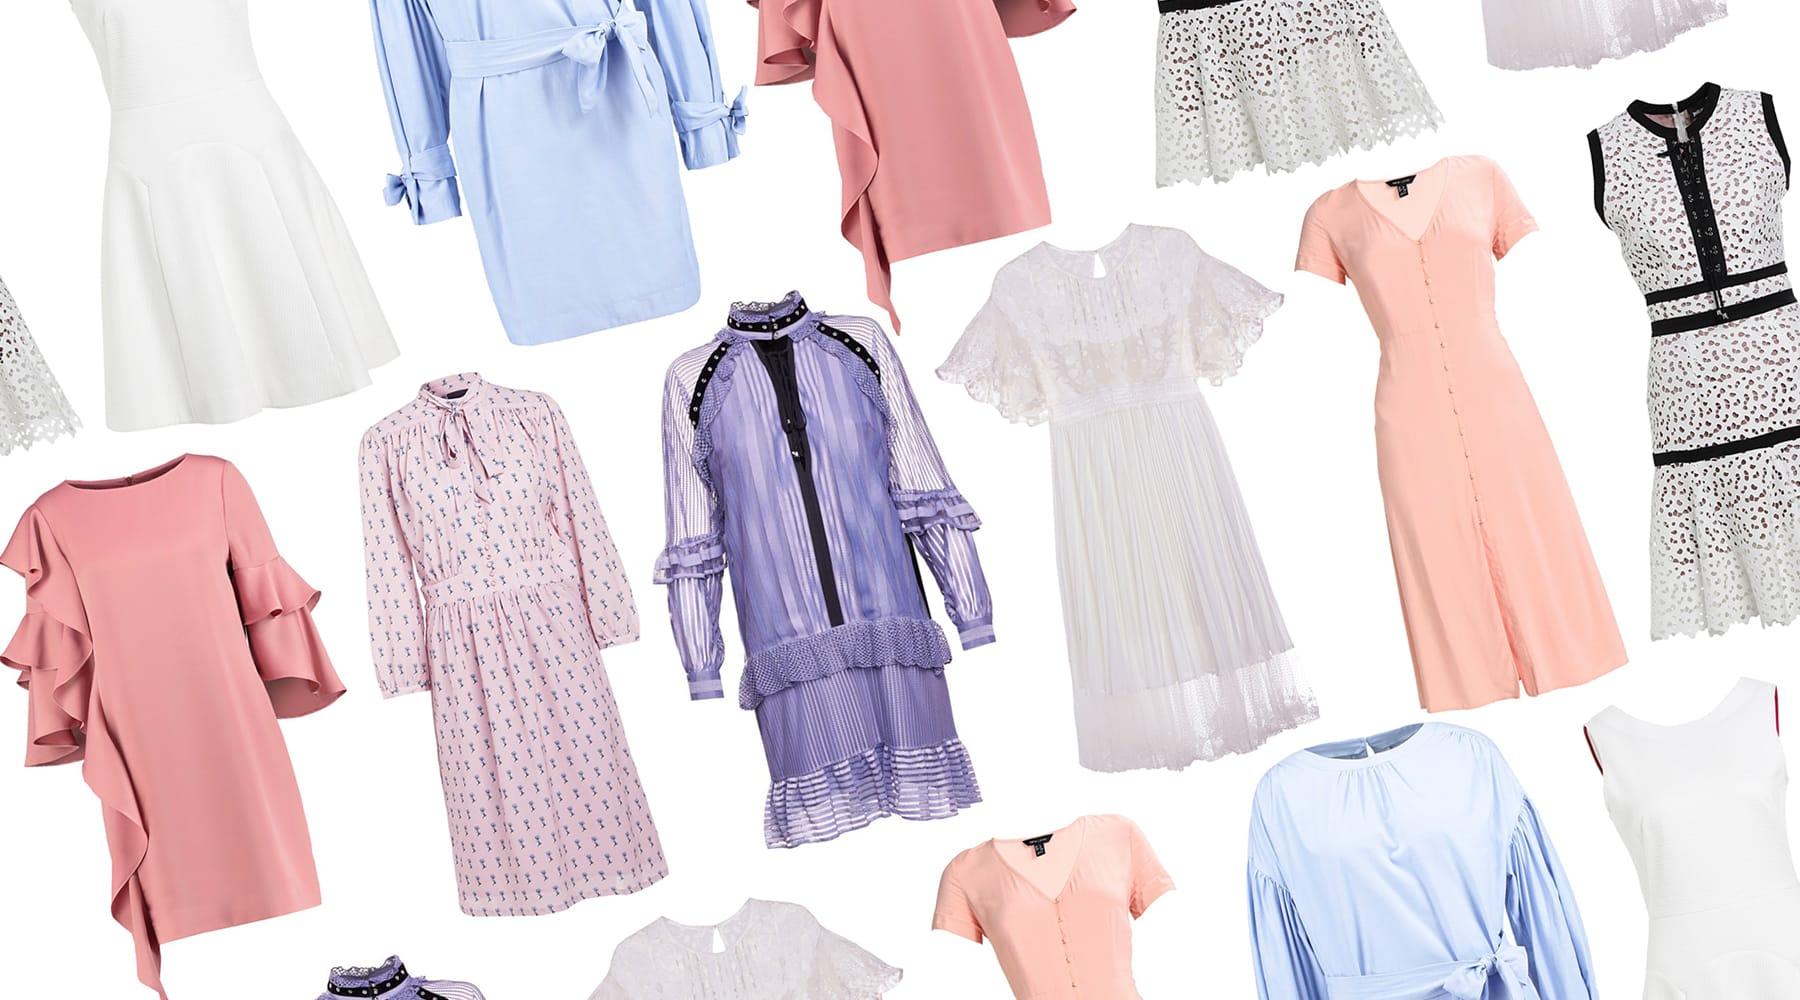 Vestiti: i modelli di tendenza che indosseremo in primavera